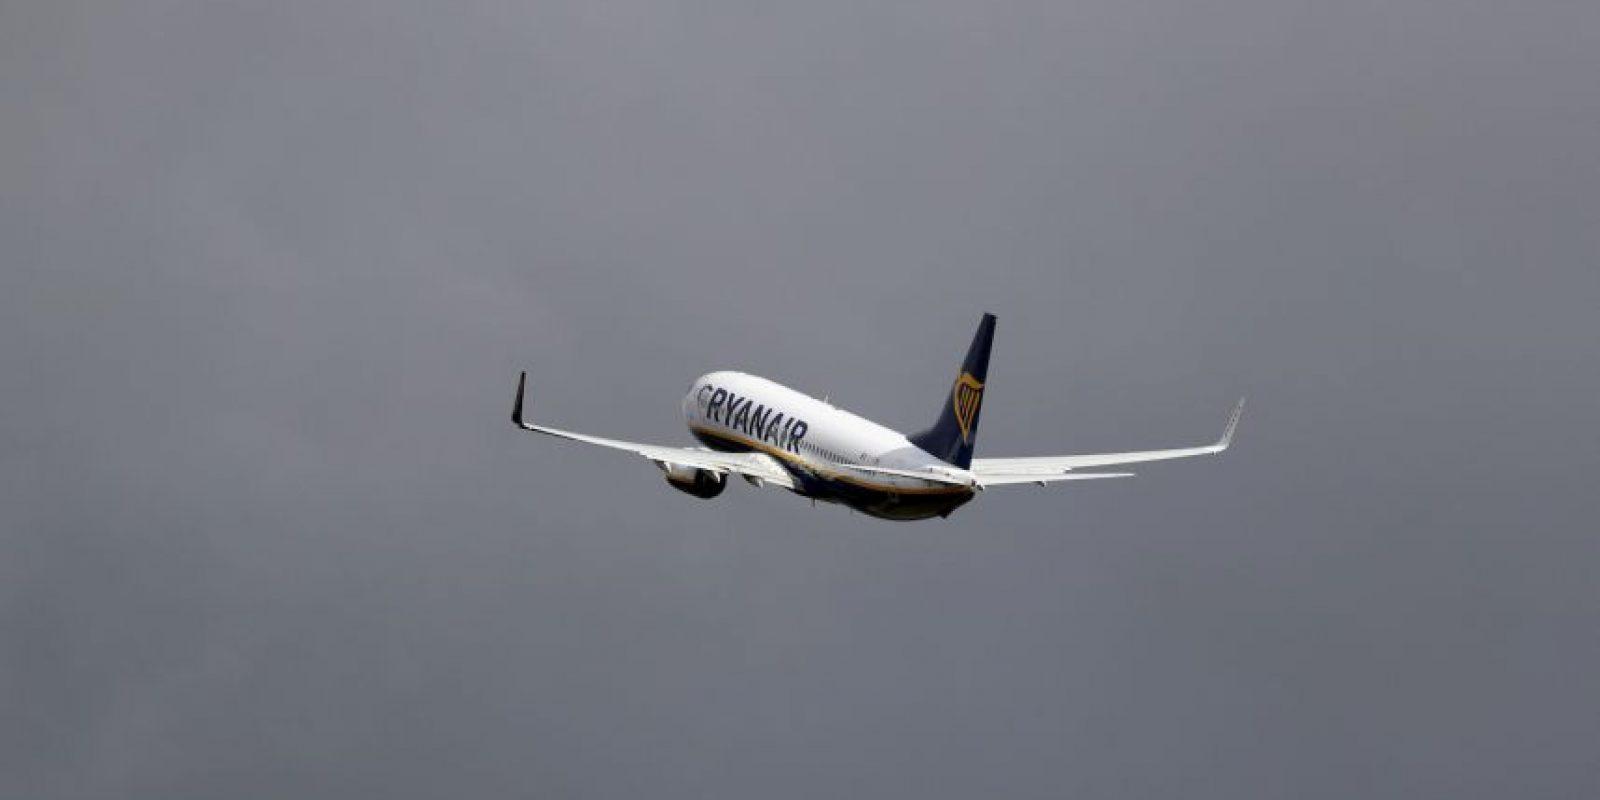 Se han reportado al menos una docena de casos de desapariciones de aviones en esta zona. Foto:Getty Images